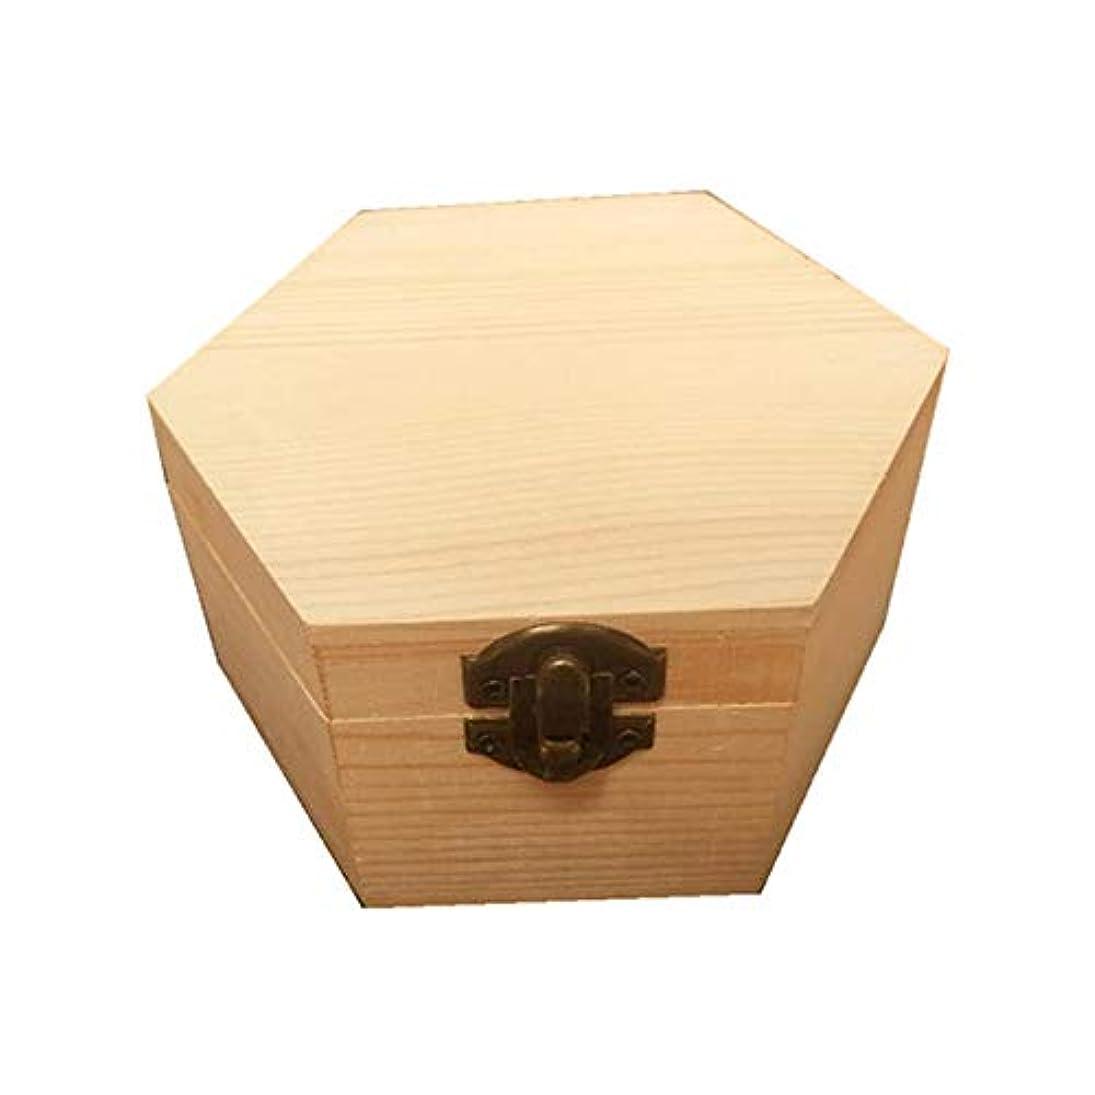 ストラップ故障中シャットエッセンシャルオイルの保管 手作りの木製ギフトボックスパーフェクトエッセンシャルオイルケースにエッセンシャルオイル (色 : Natural, サイズ : 13X11.3X6.8CM)